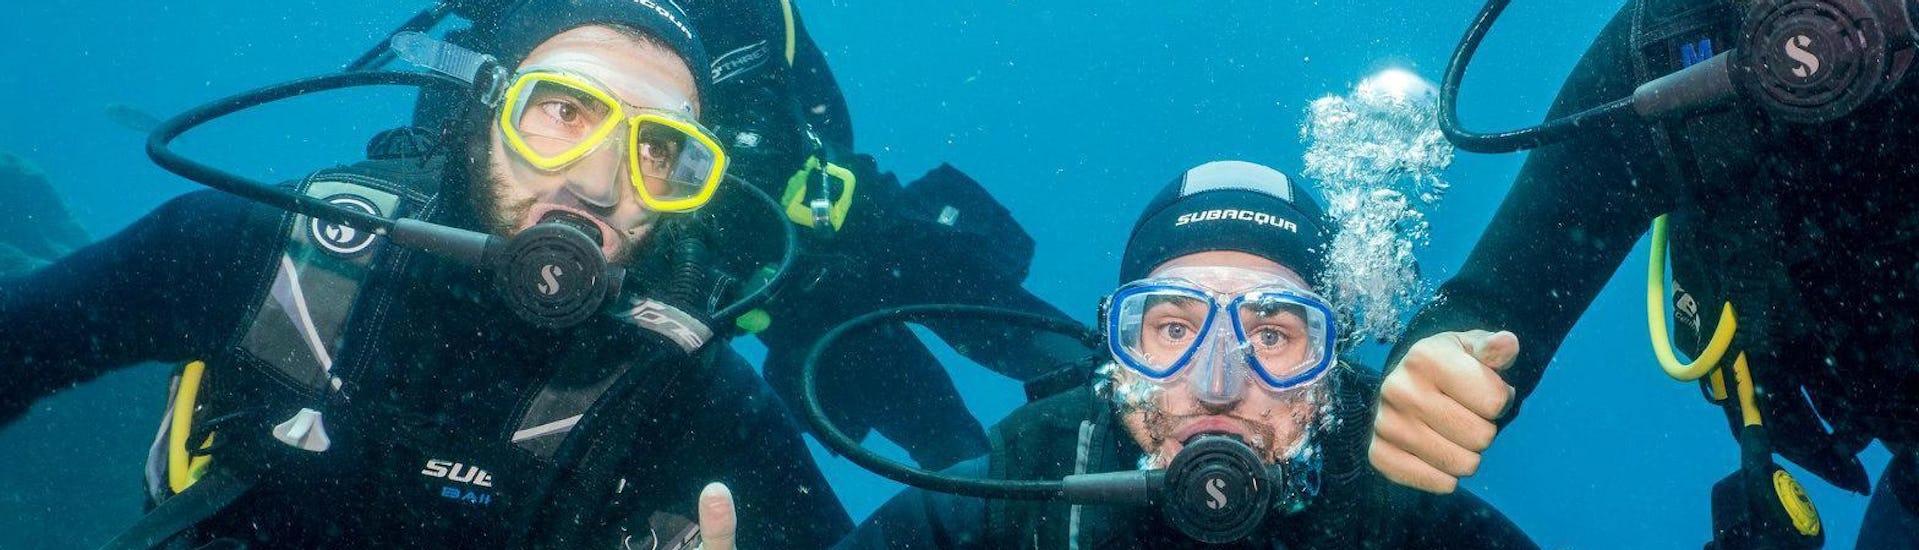 scuba-diving-course-for-beginners-padi-open-water-diver-aqua-marina-diving-tenerife-hero